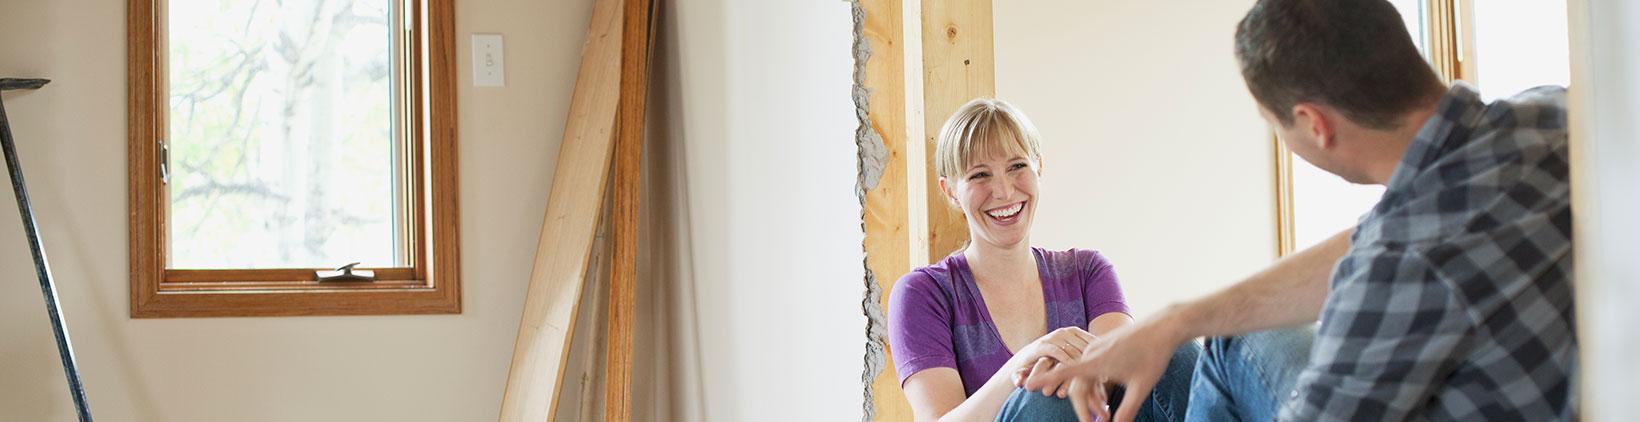 Ausbauhaus: Eigenleistung senken die Kosten